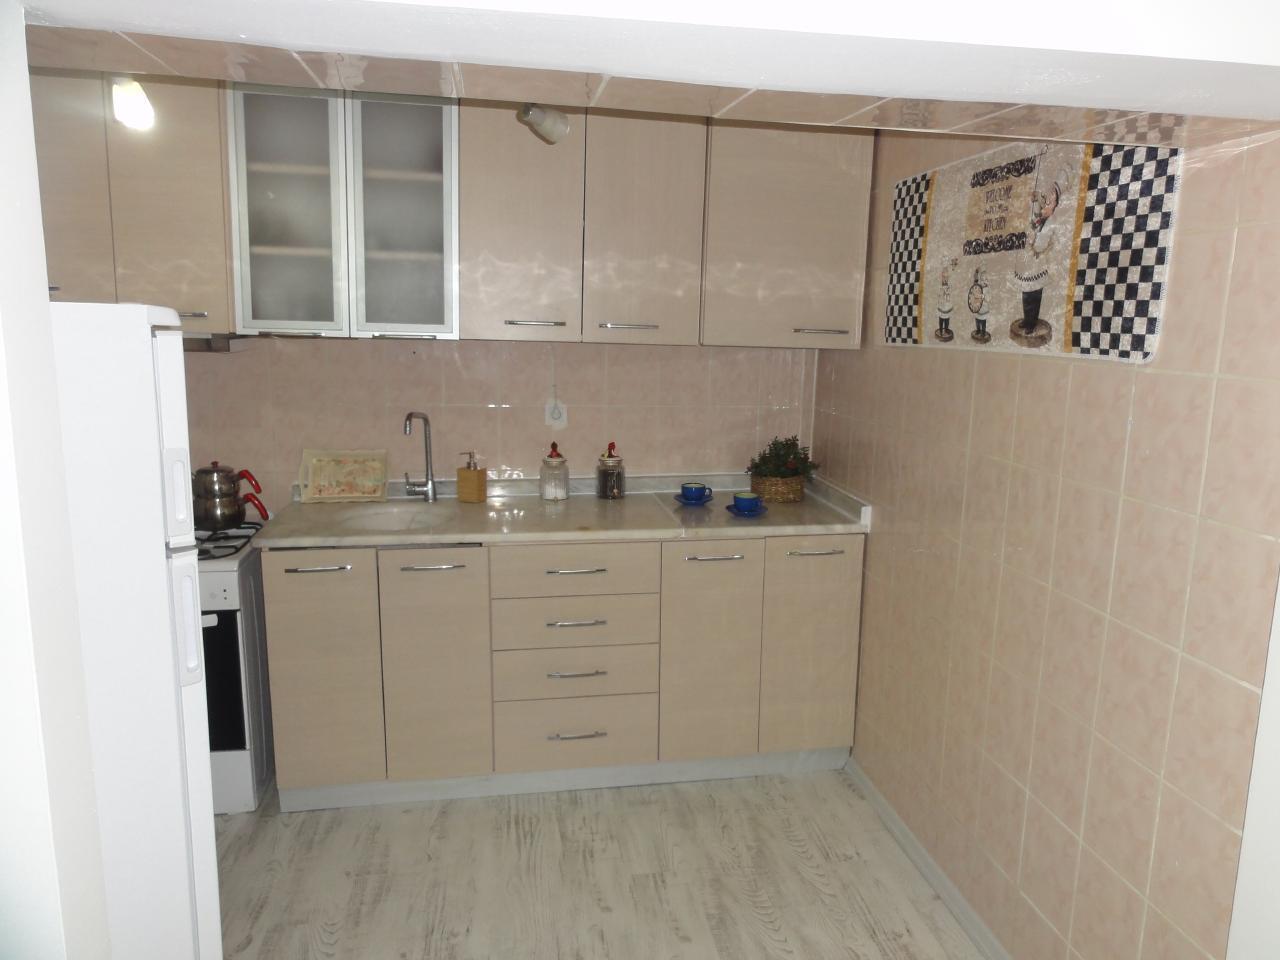 Ferienwohnung Evodak Apartment D 2A (1710500), Balgat, , Zentralanatolien, Türkei, Bild 21